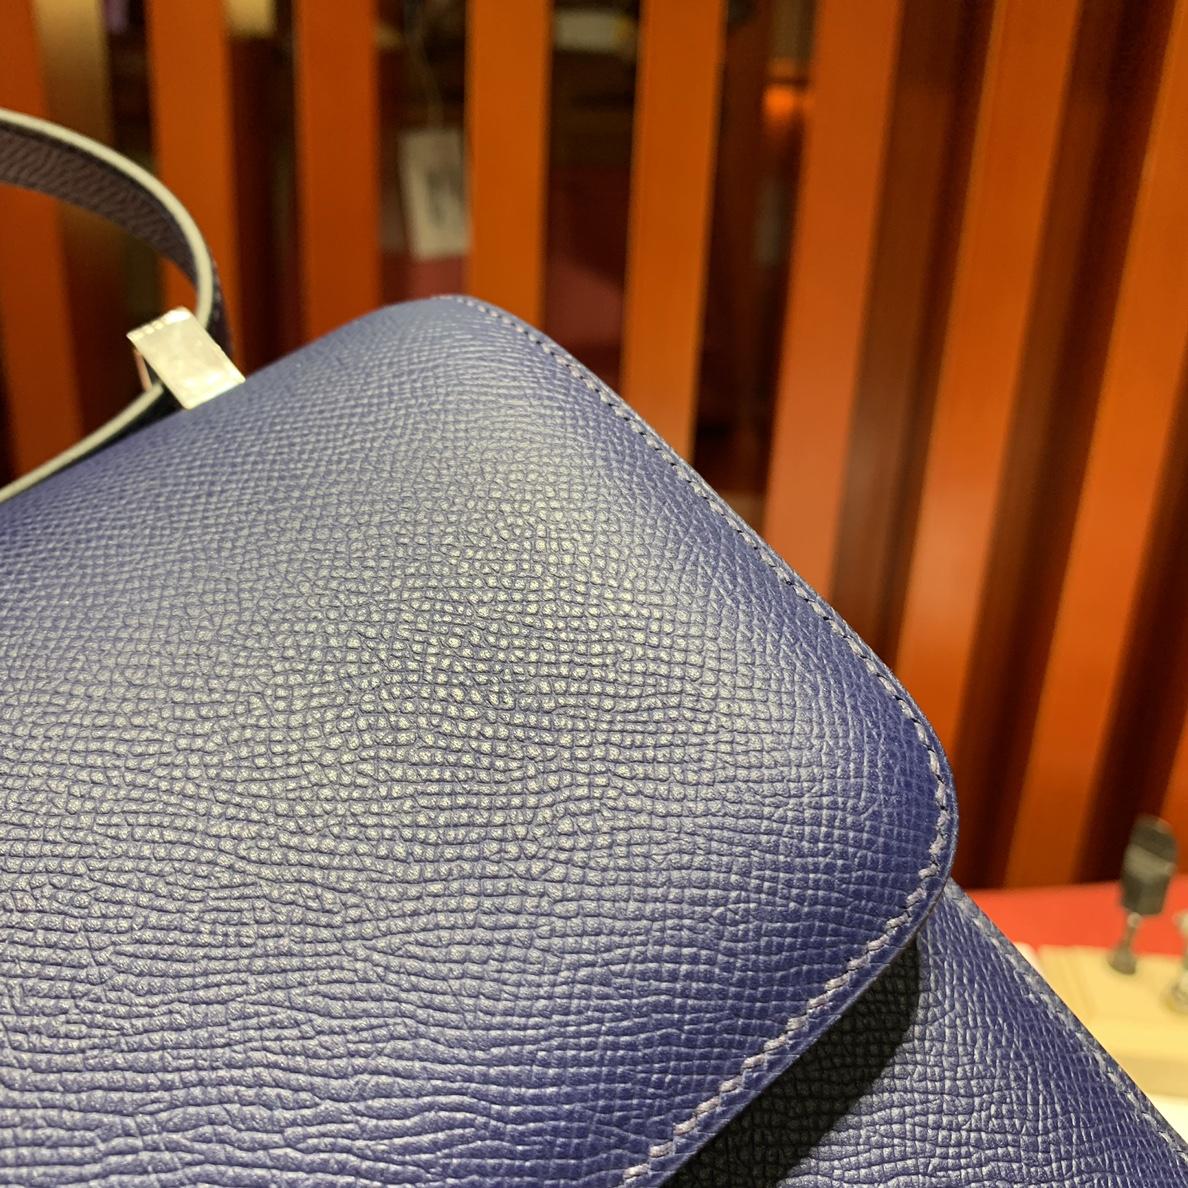 现货 Hermes包包批发 爱马仕宝石蓝掌纹牛皮康斯坦包Constance24CM 银扣